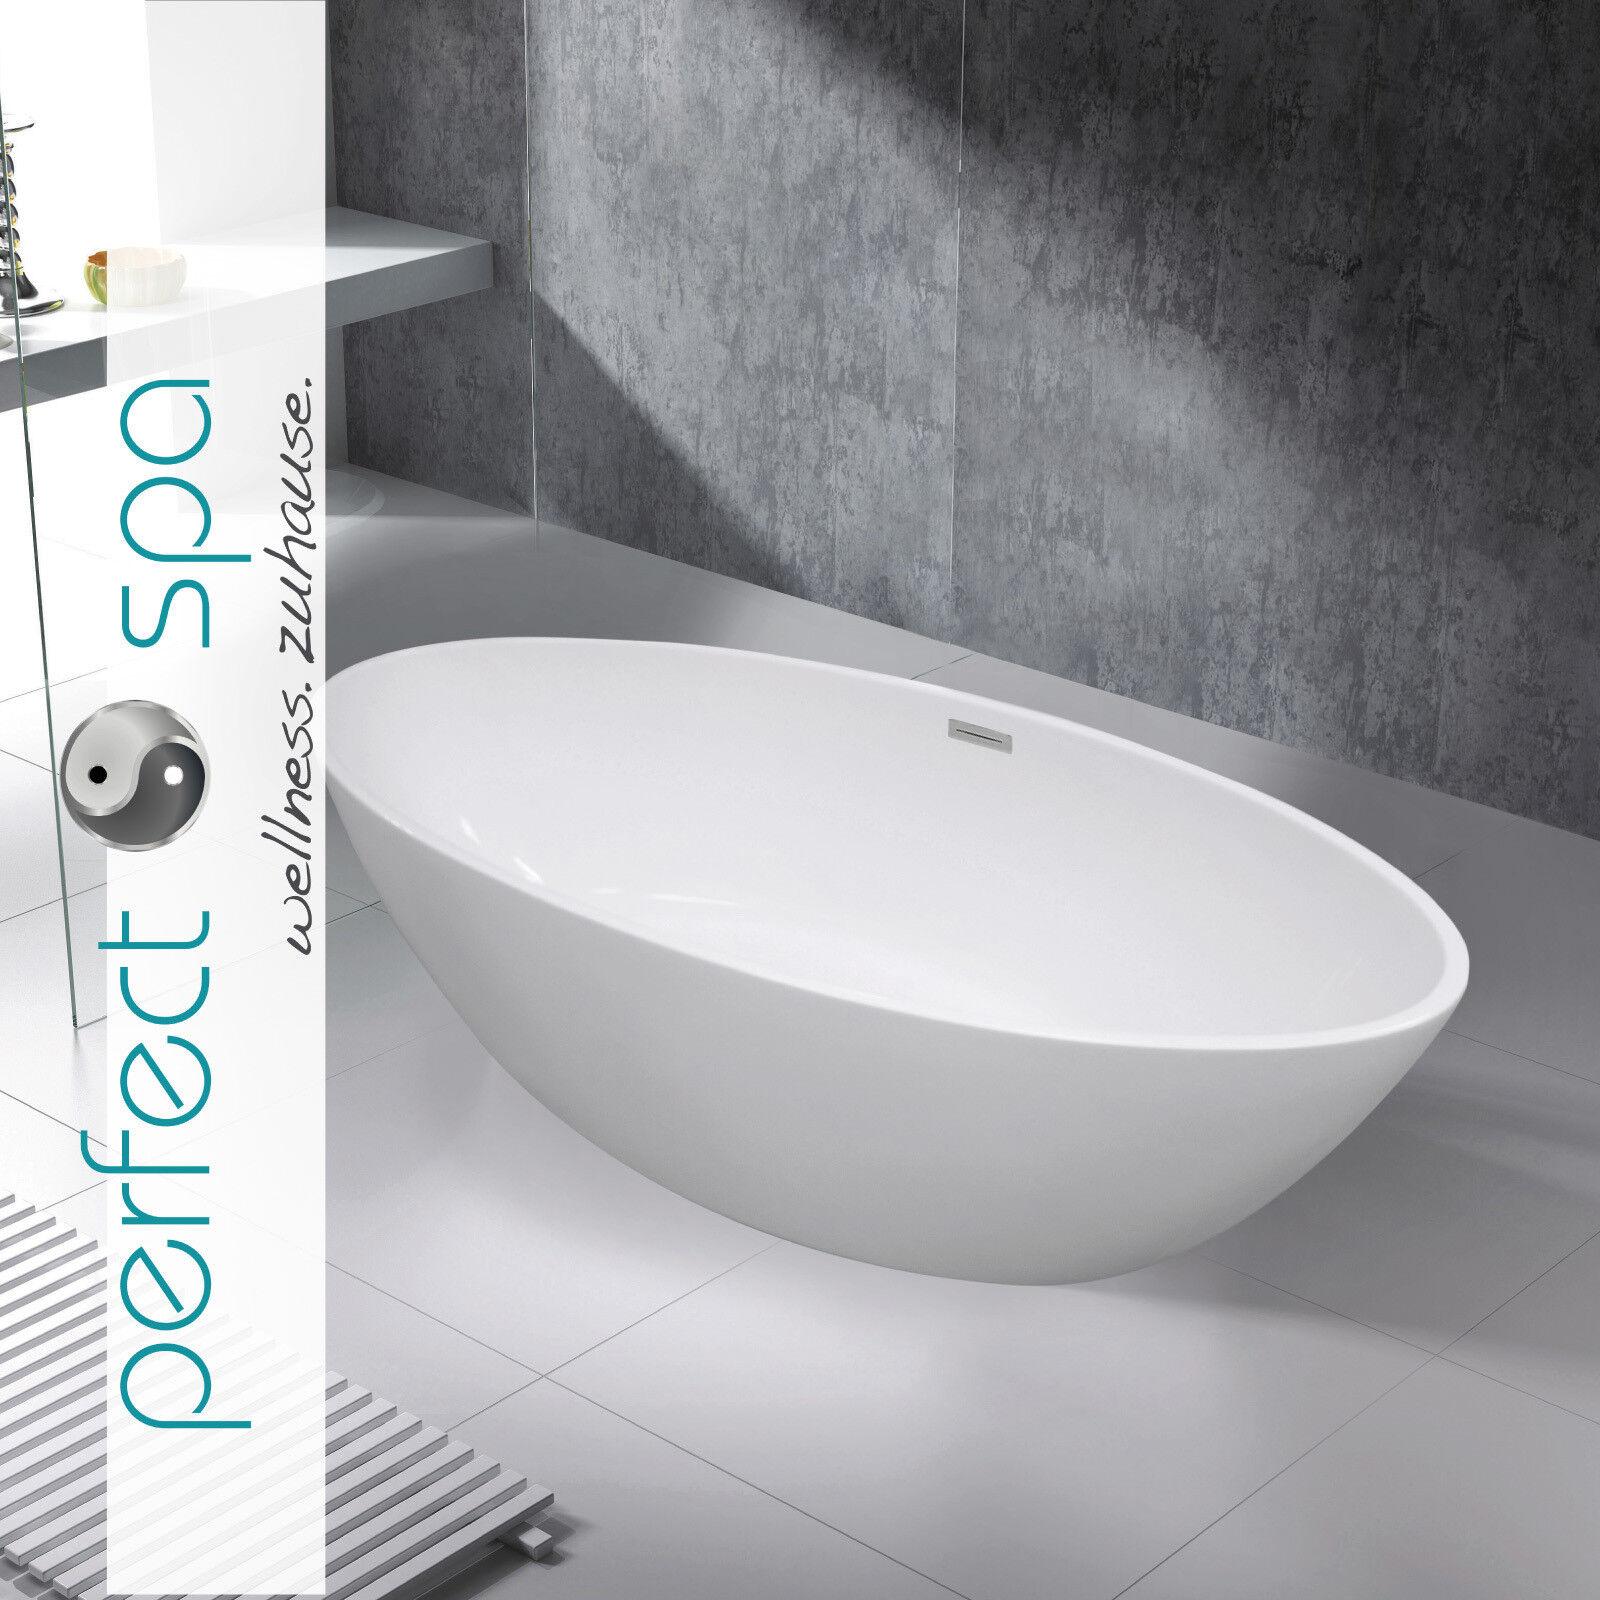 LUXUS Design Freistehende Badewanne Turin Wanne